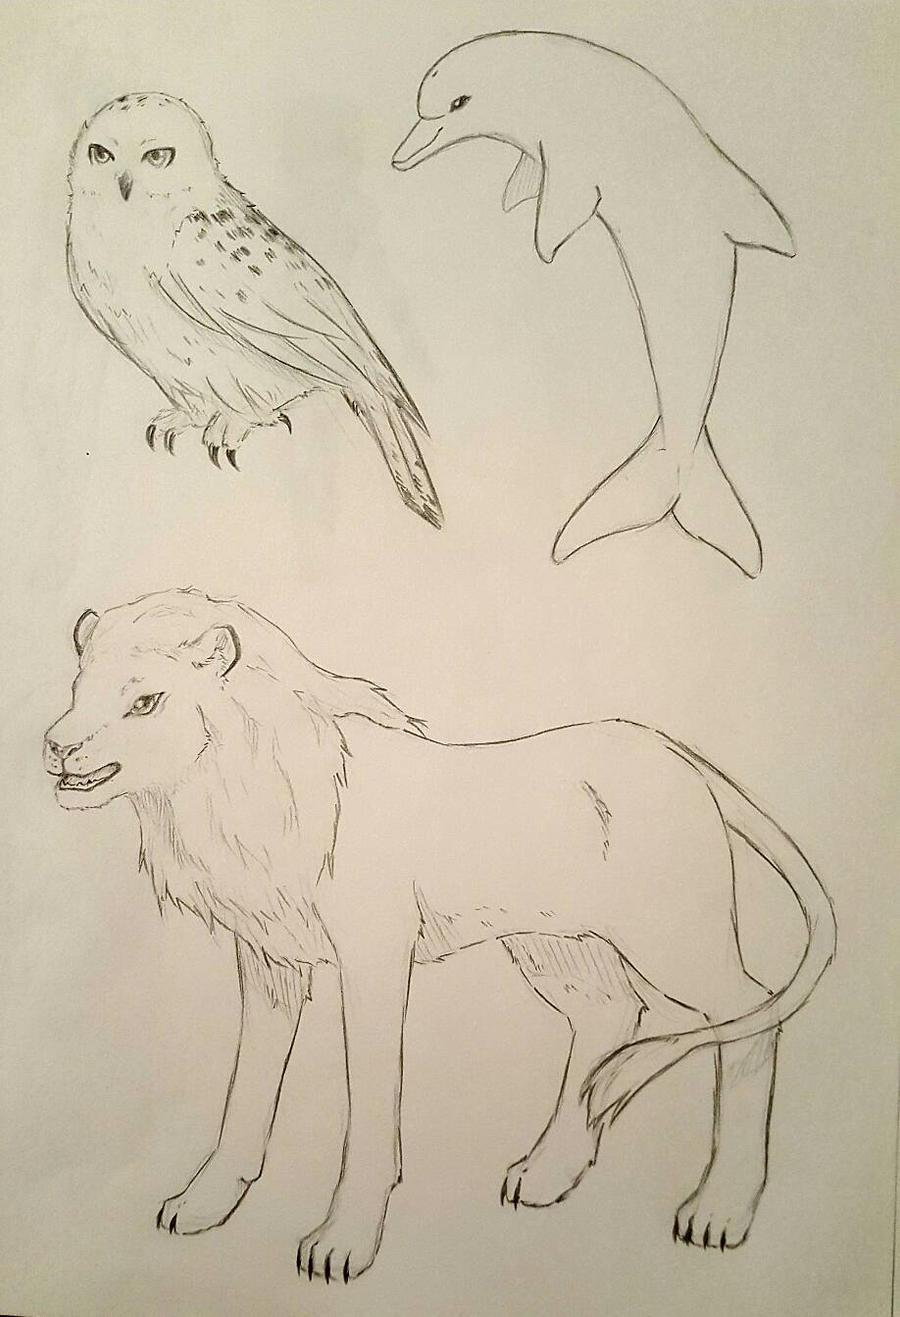 Random animals sketch by Kamikoroshu